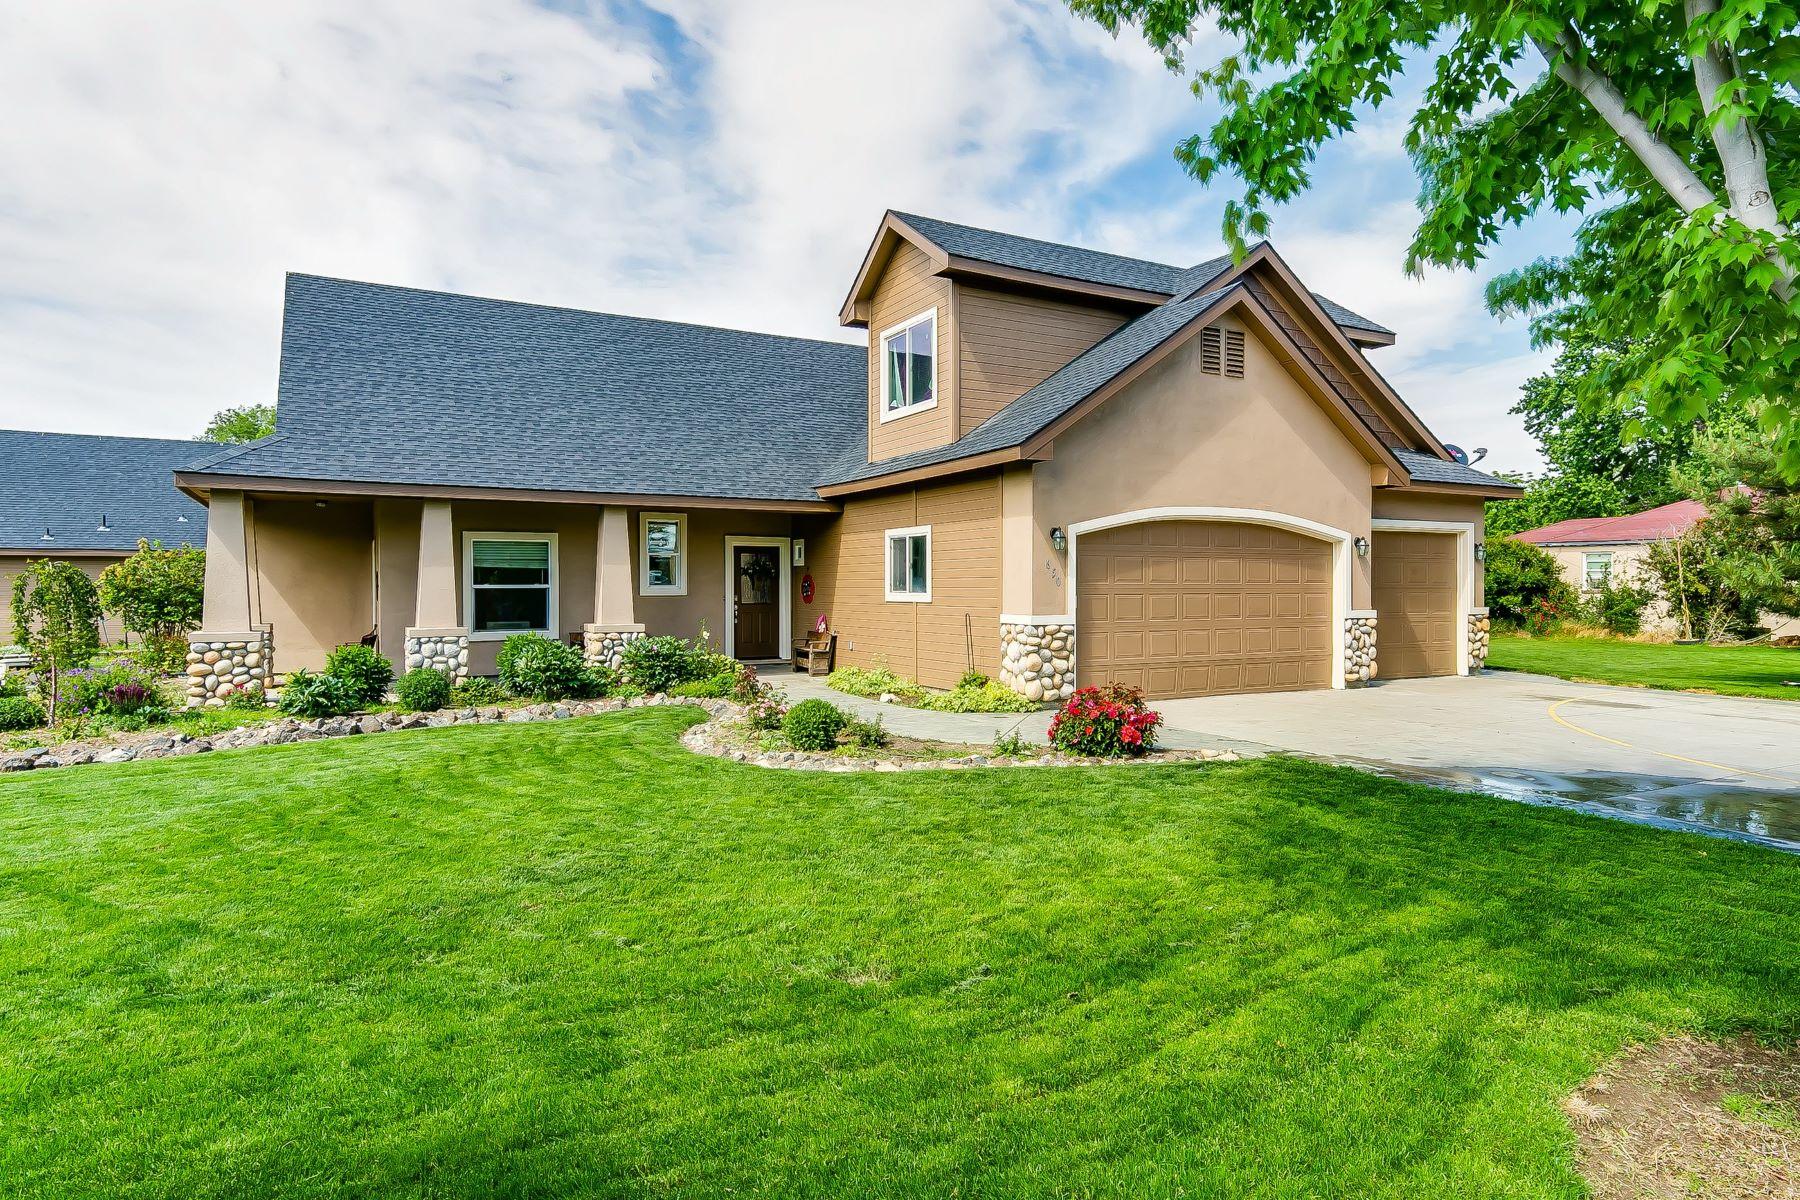 Maison unifamiliale pour l Vente à 650 Waltman Lane, Meridian 650 W Waltman Ln Meridian, Idaho, 83642 États-Unis